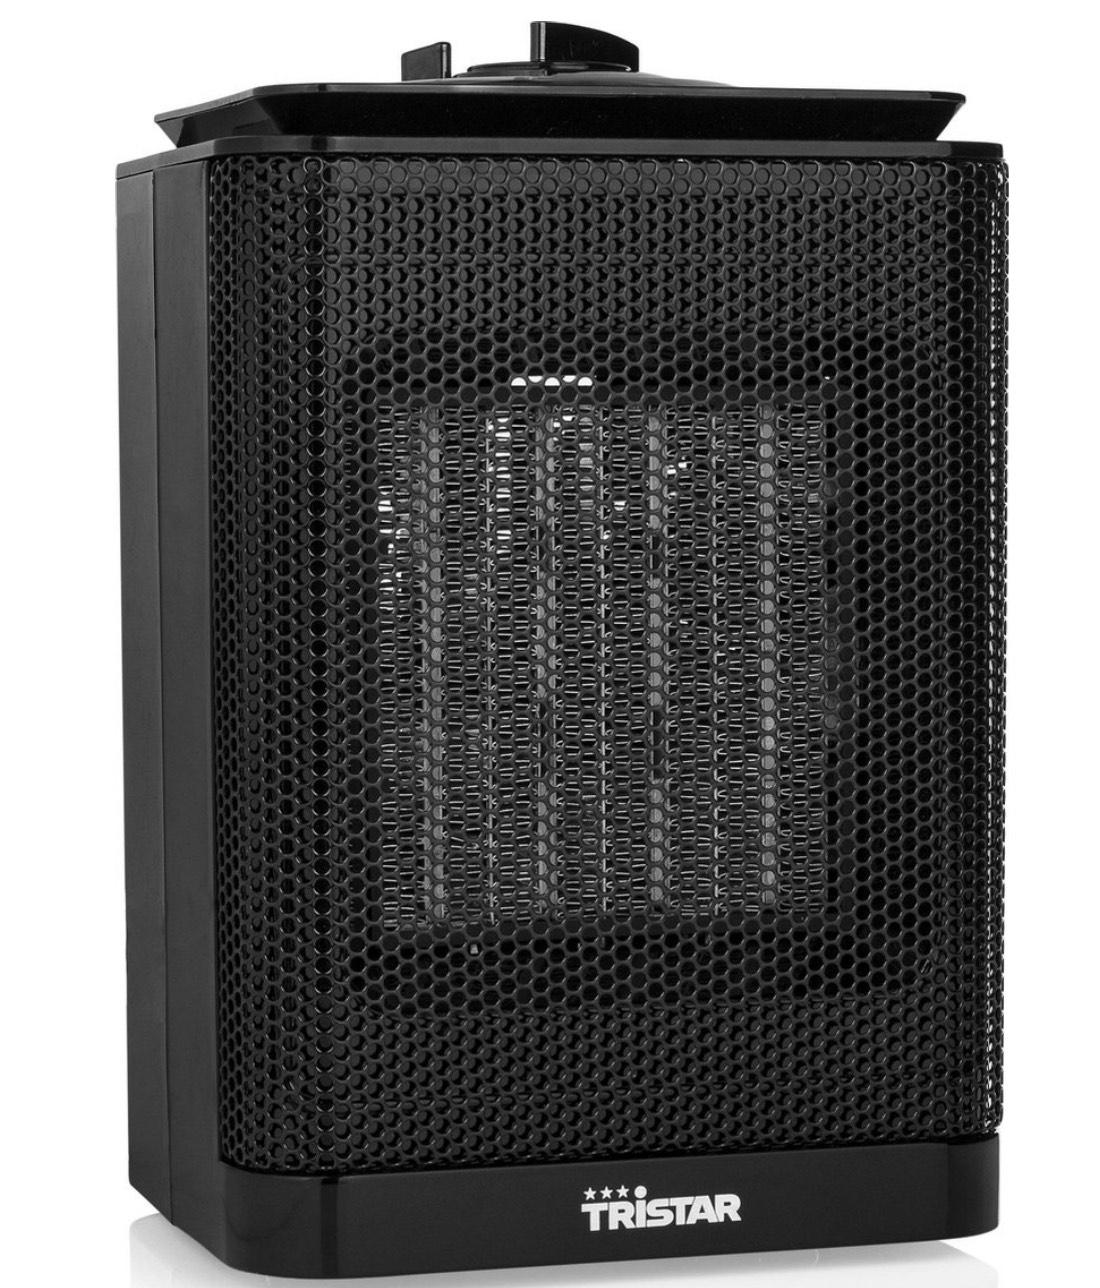 Tristar KA-5013 Elektrische Keramische Kachel met Oscillatie / omvalbeveiliging en oververhittingsfunctie @ Amazon.nl